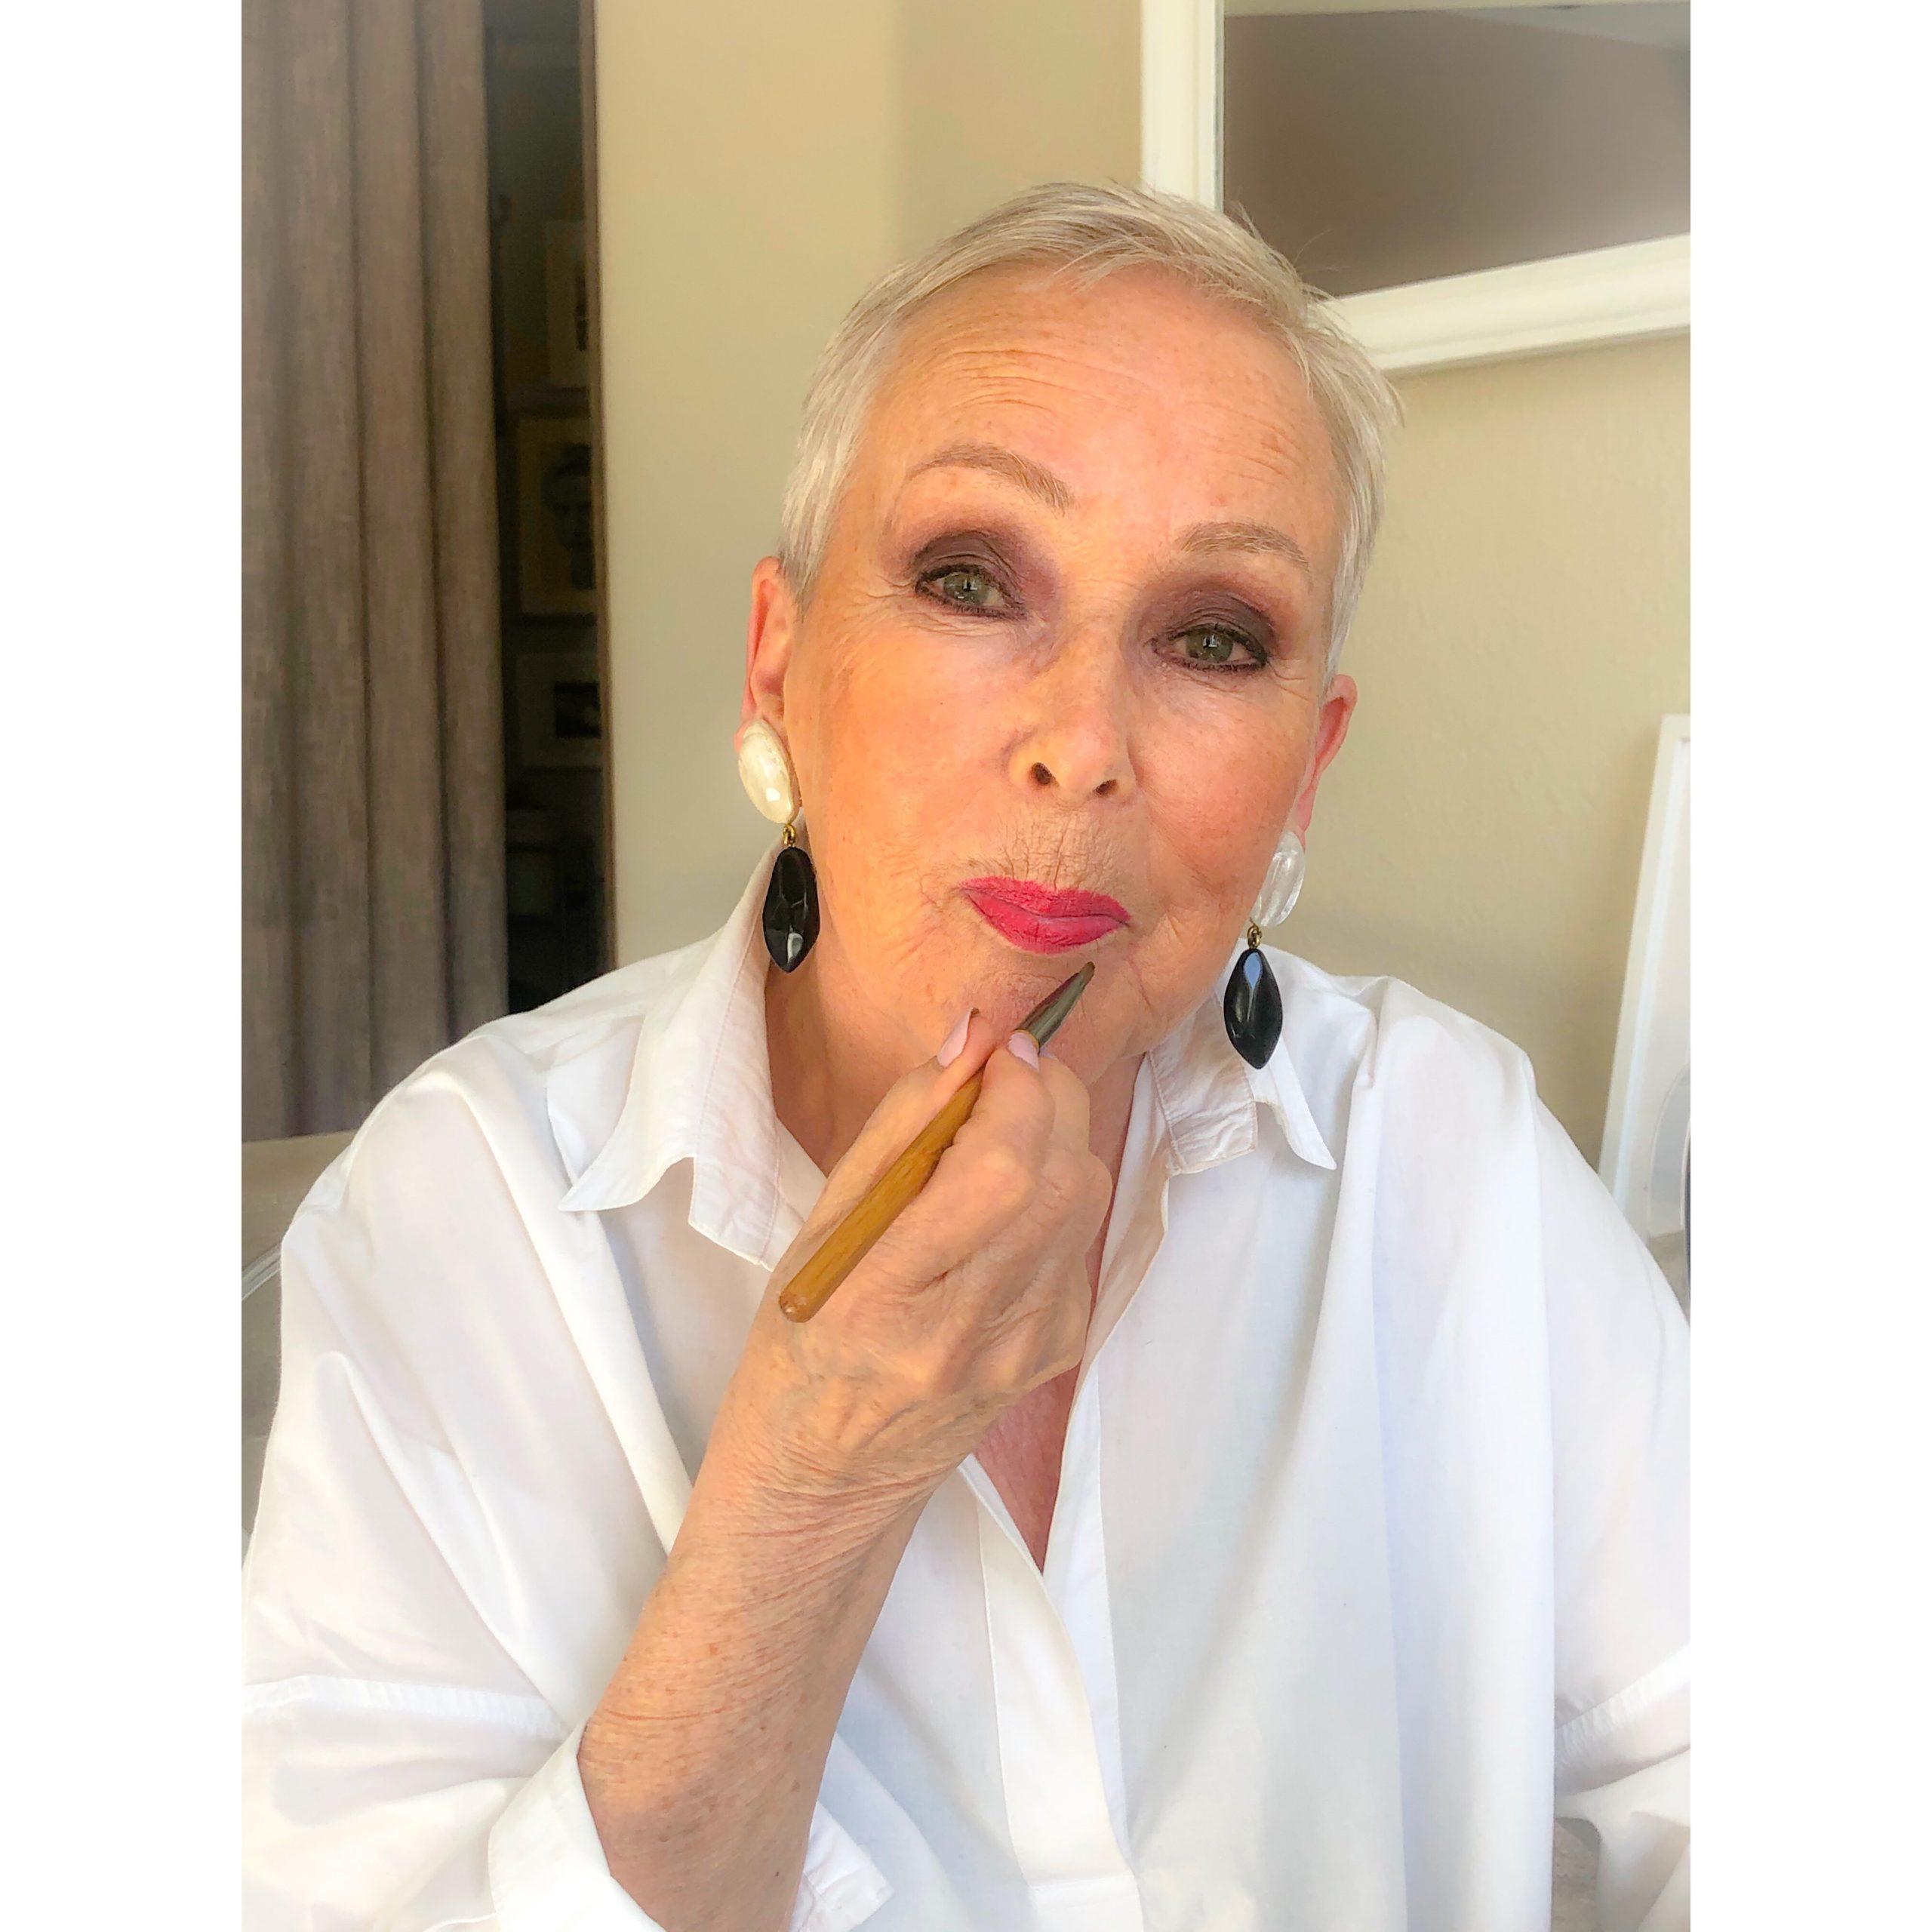 Hyvä meikkisivellin huulipunasivellin